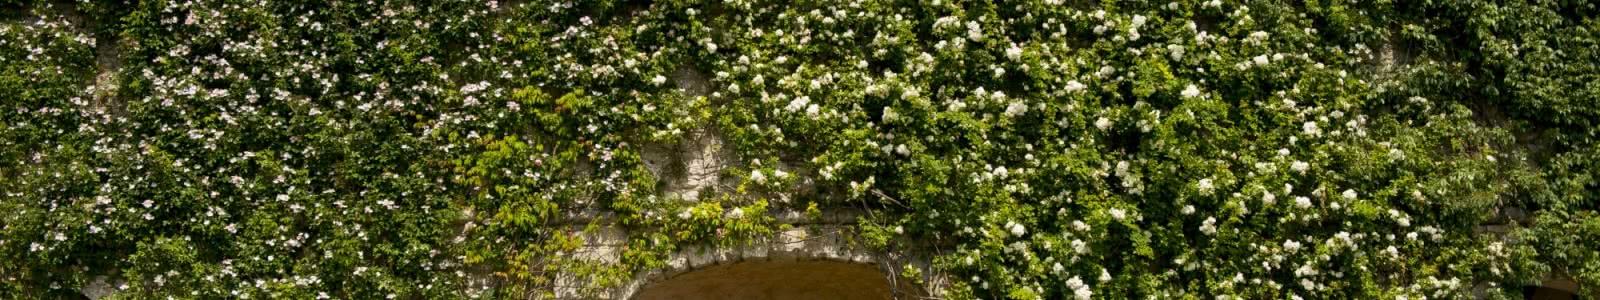 Roseraie de Blois - Jardins insolites du Val de Loire - Vacances en Loir-et-Cher Vallée de la Loire - 20 ans du classement Unesco du Val de Loire ©Cyril Chigot - Conseil départemental 41